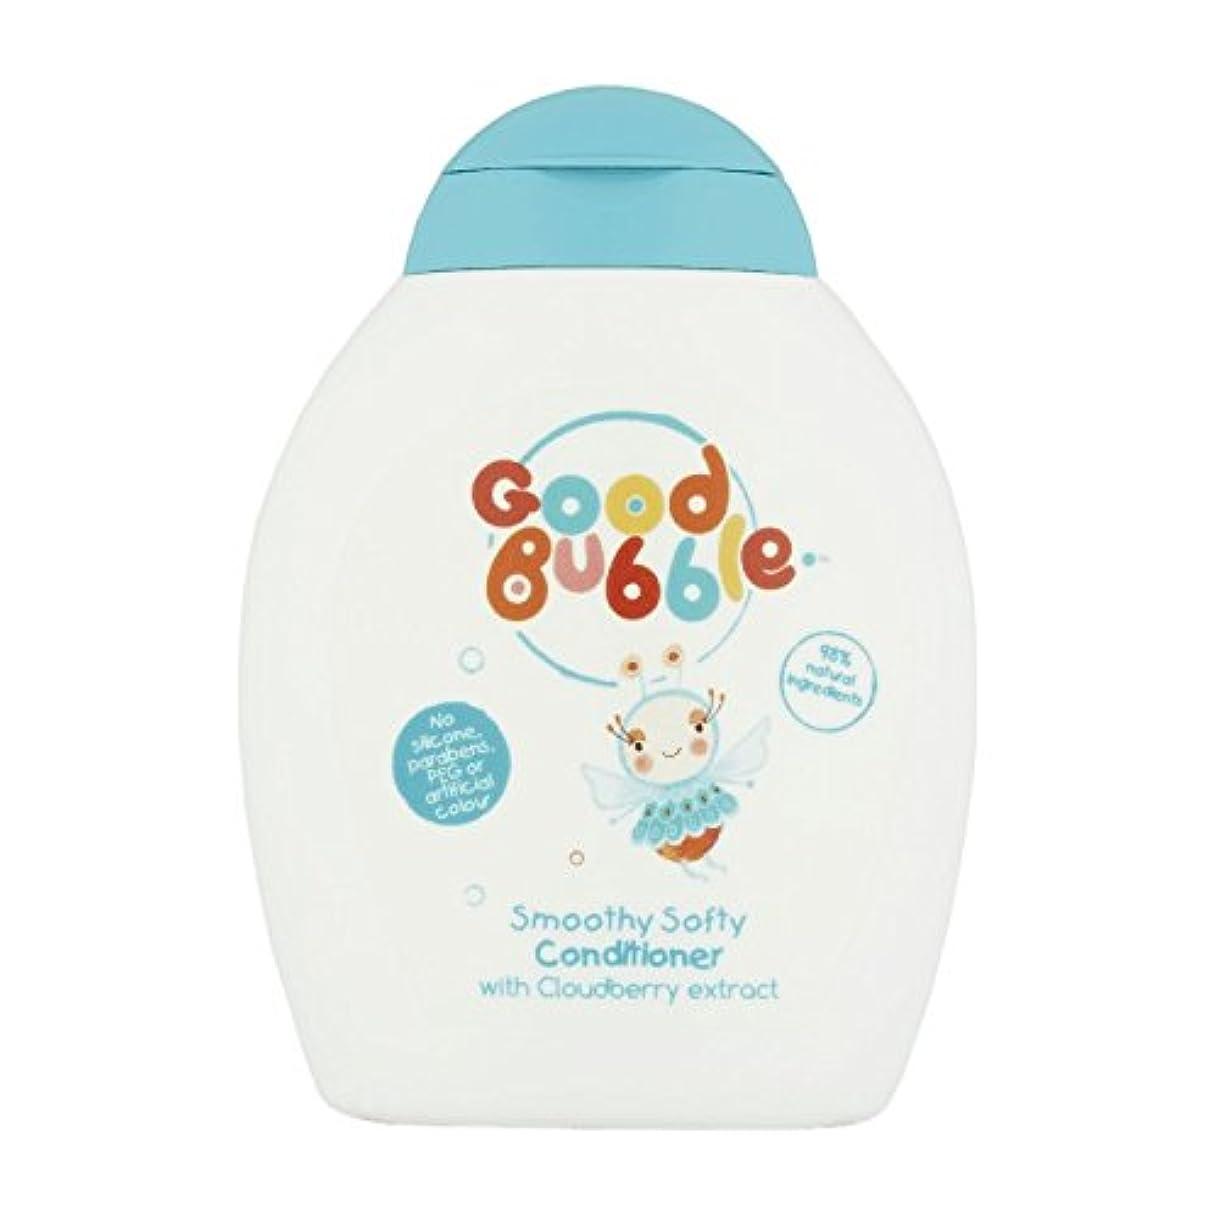 宿泊協定拮抗する良いバブルクラウドベリーコンディショナー250ミリリットル - Good Bubble Cloudberry Conditioner 250ml (Good Bubble) [並行輸入品]